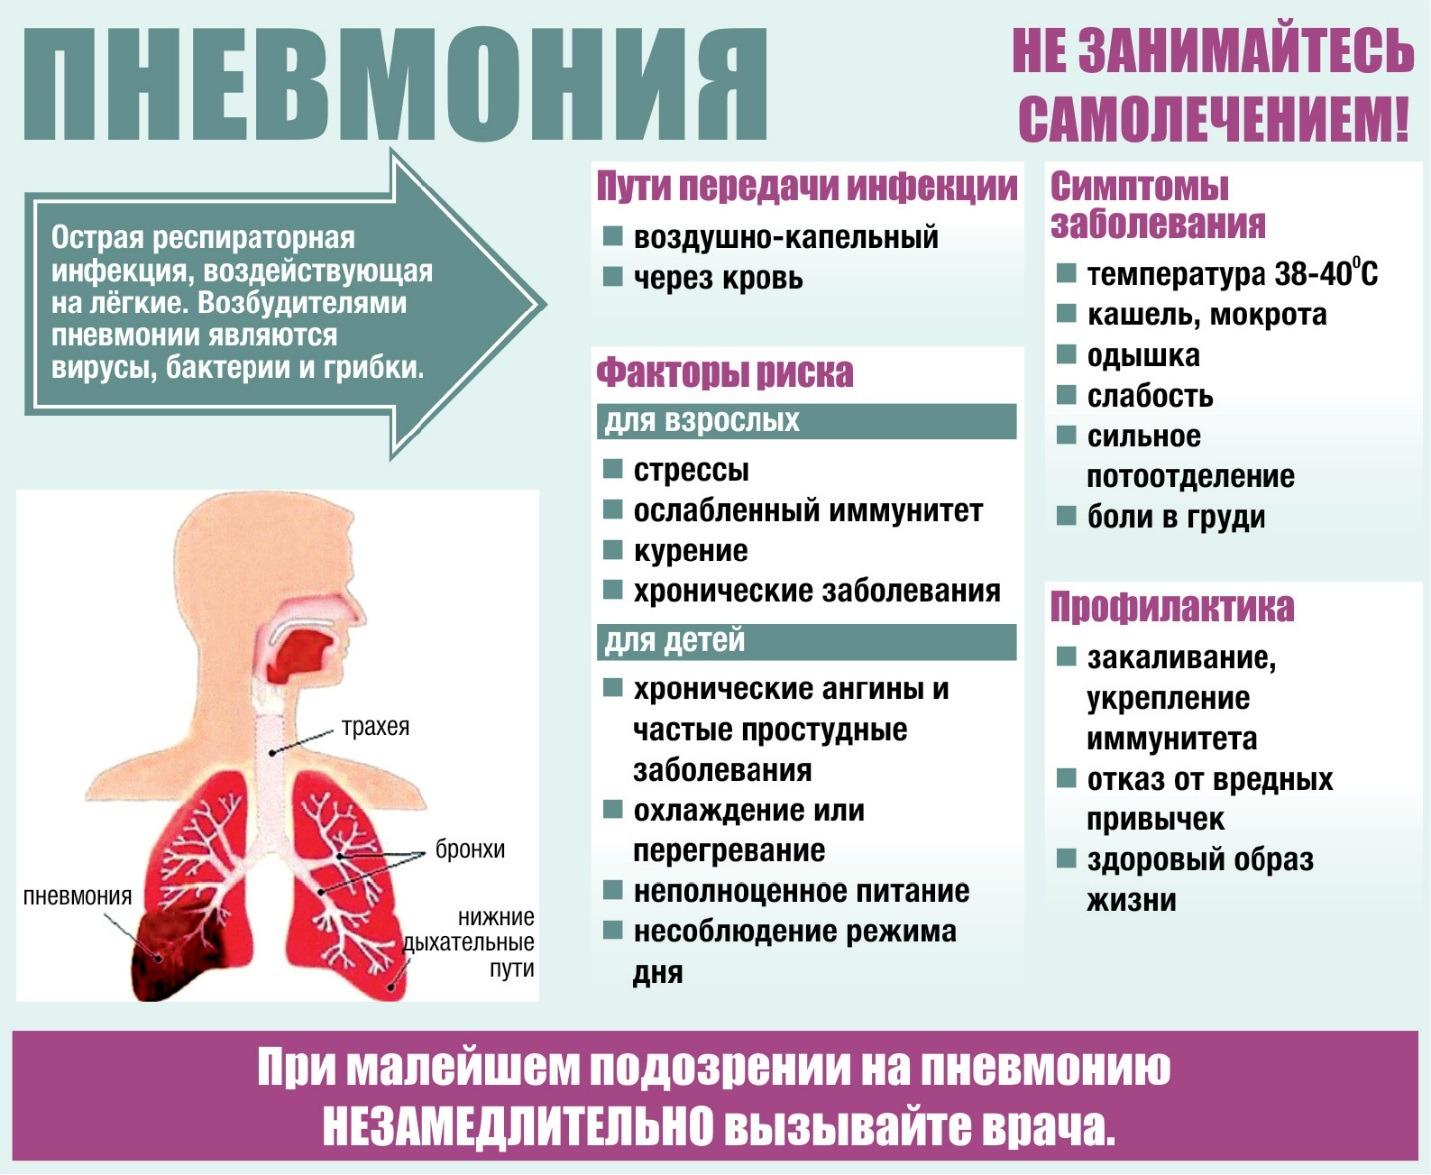 Алкалоз - причины, симптомы, лечение, метаболический алкалоз